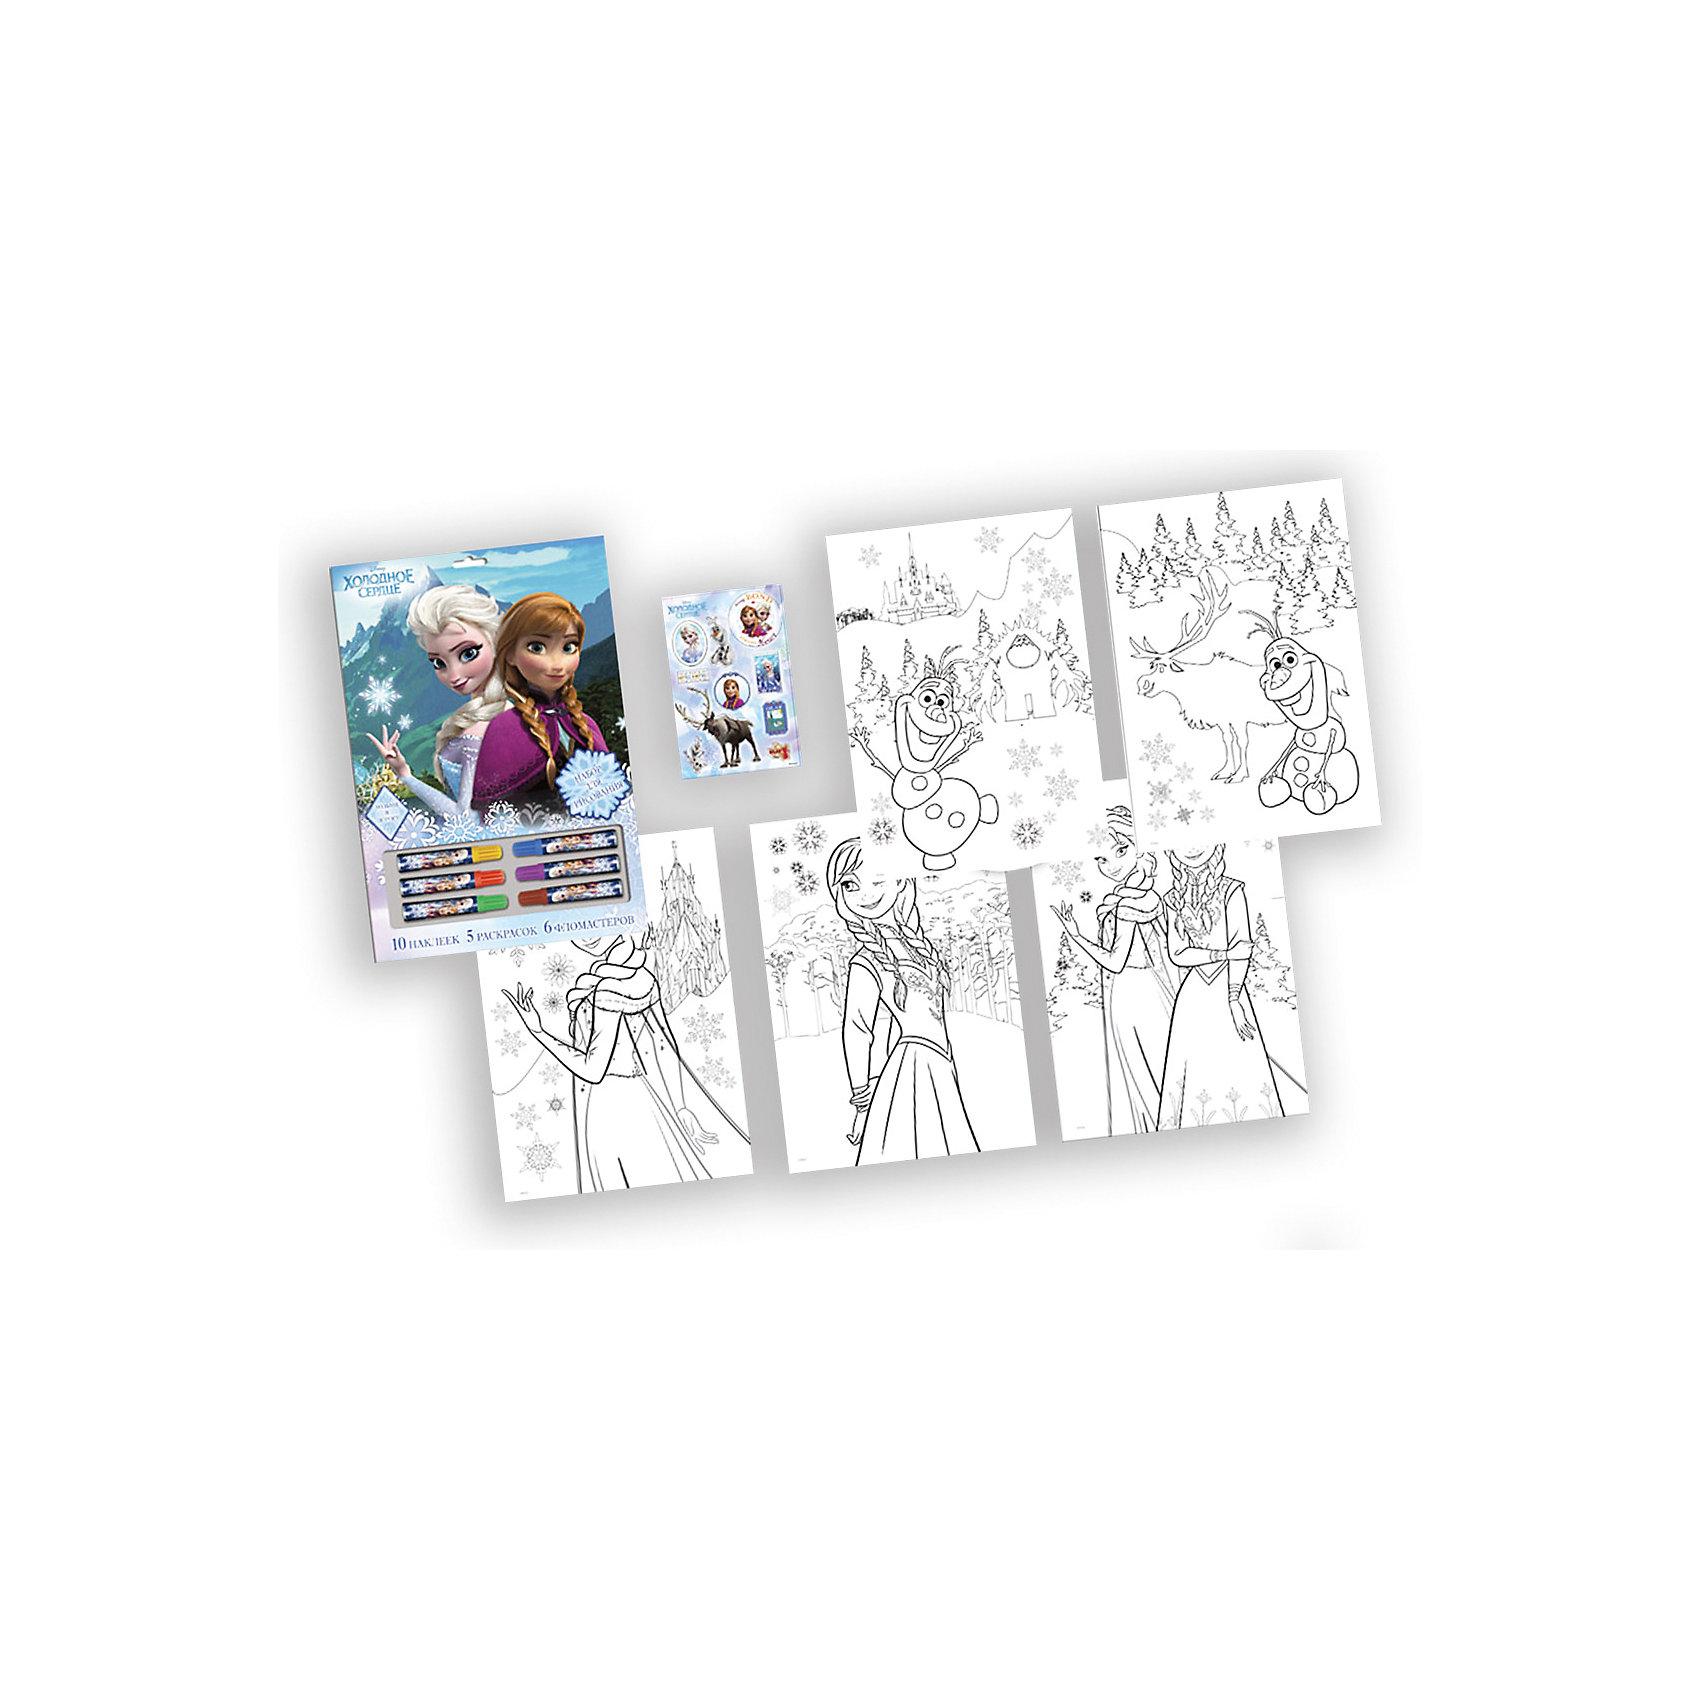 Набор для рисования Холодное сердцеРисование<br>Набор для рисования Холодное сердце, Limpopo (Лимпопо)<br><br>Характеристики:<br><br>• раскраски с персонажами мультфильма<br>• яркие цвета<br>• в комплекте: 5 раскрасок, фломастеры (6 шт.), 10 наклеек<br>• размер упаковки: 25х33х23 см<br>• вес: 130 грамм<br><br>Набор для рисования Холодное сердце порадует юную художницу. В него входят фломастеры, несколько раскрасок с изображением любимых героев мультфильма и наклейки. Ребенок сможет ярко раскрасить картинку, а затем украсить ее наклейками. Холодное сердце - прекрасный подарок для маленьких художников!<br><br>Набор для рисования Холодное сердце, Limpopo (Лимпопо)вы можете купить в нашем интернет-магазине.<br><br>Ширина мм: 230<br>Глубина мм: 330<br>Высота мм: 250<br>Вес г: 130<br>Возраст от месяцев: 48<br>Возраст до месяцев: 144<br>Пол: Женский<br>Возраст: Детский<br>SKU: 5390308